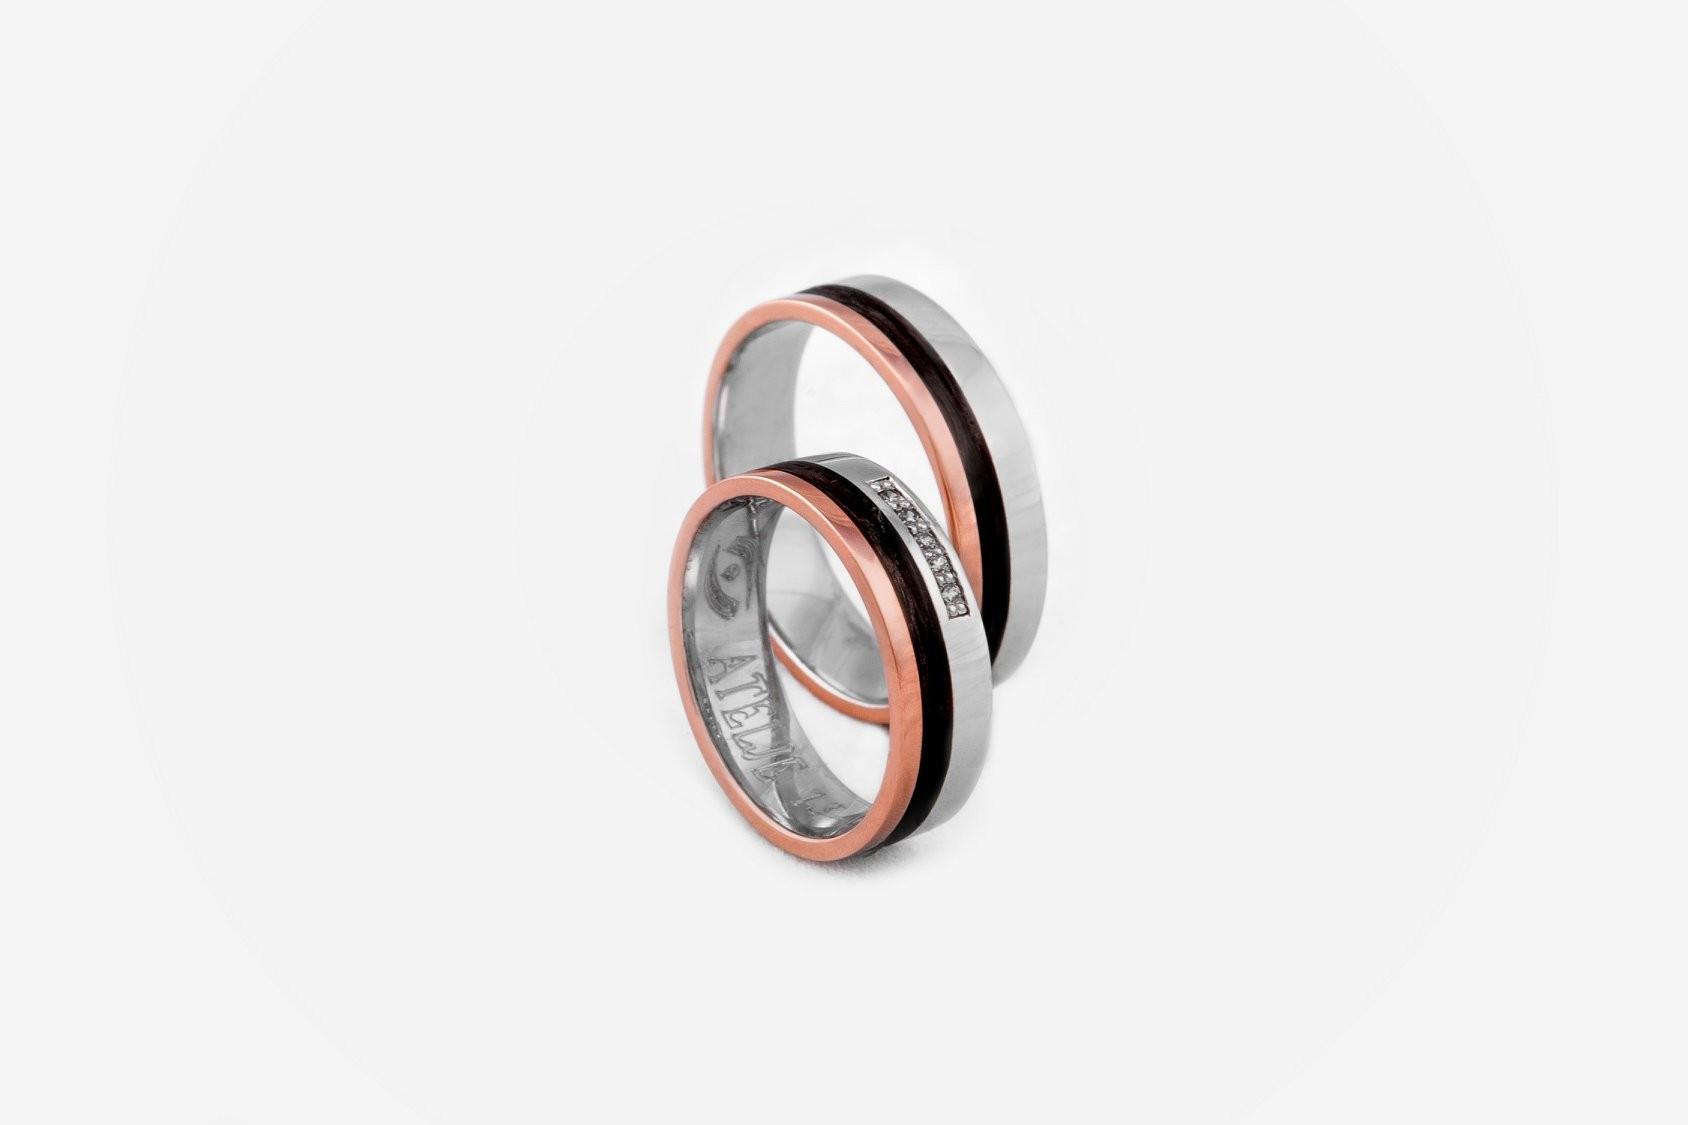 Unikatni poročni prstani iz karbona